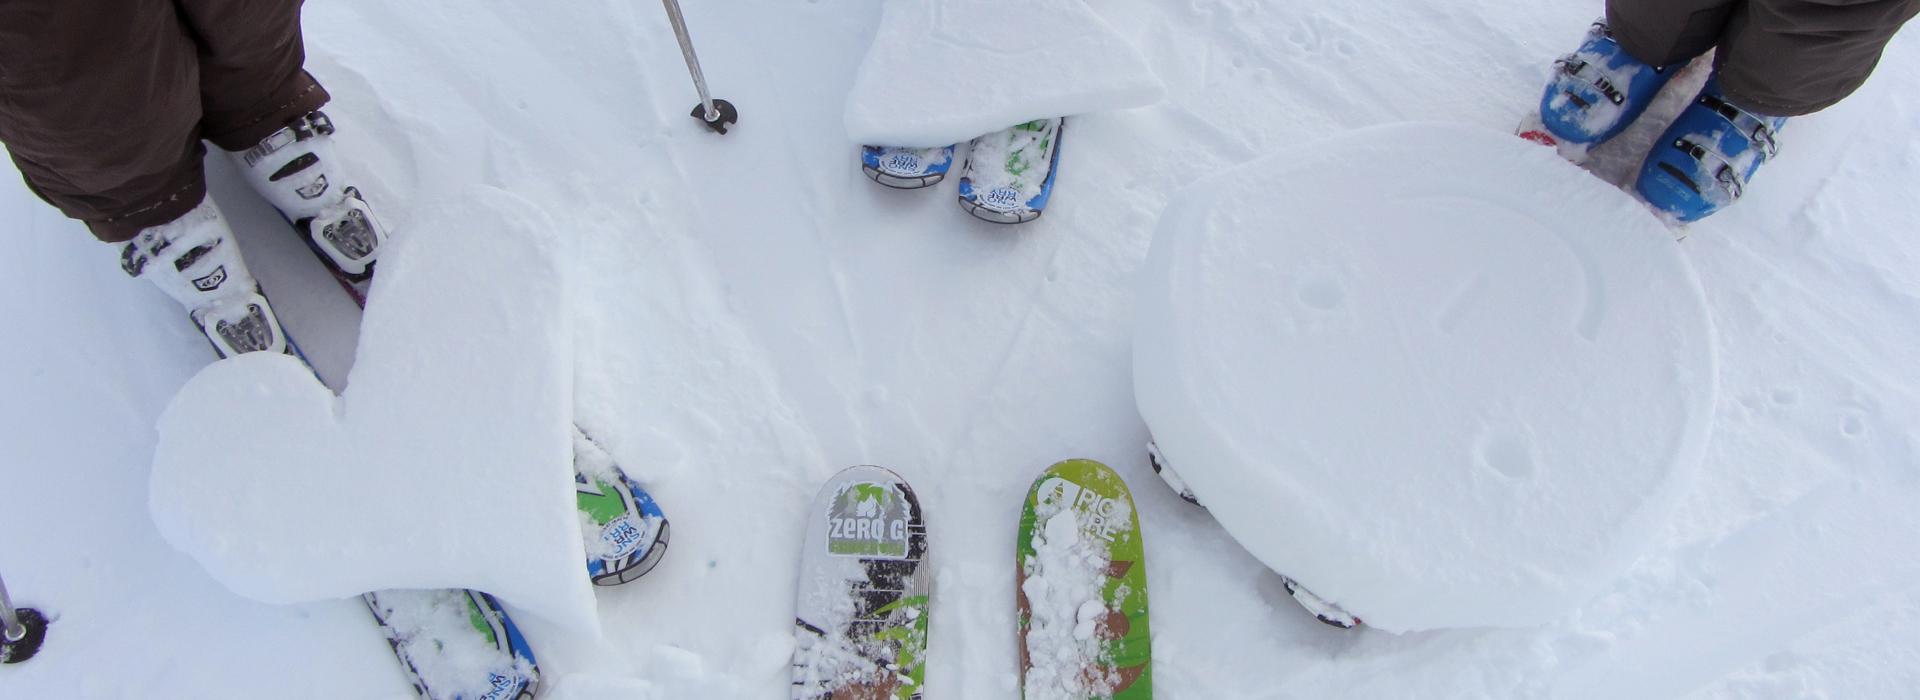 Neige-Samoens-Skisession-